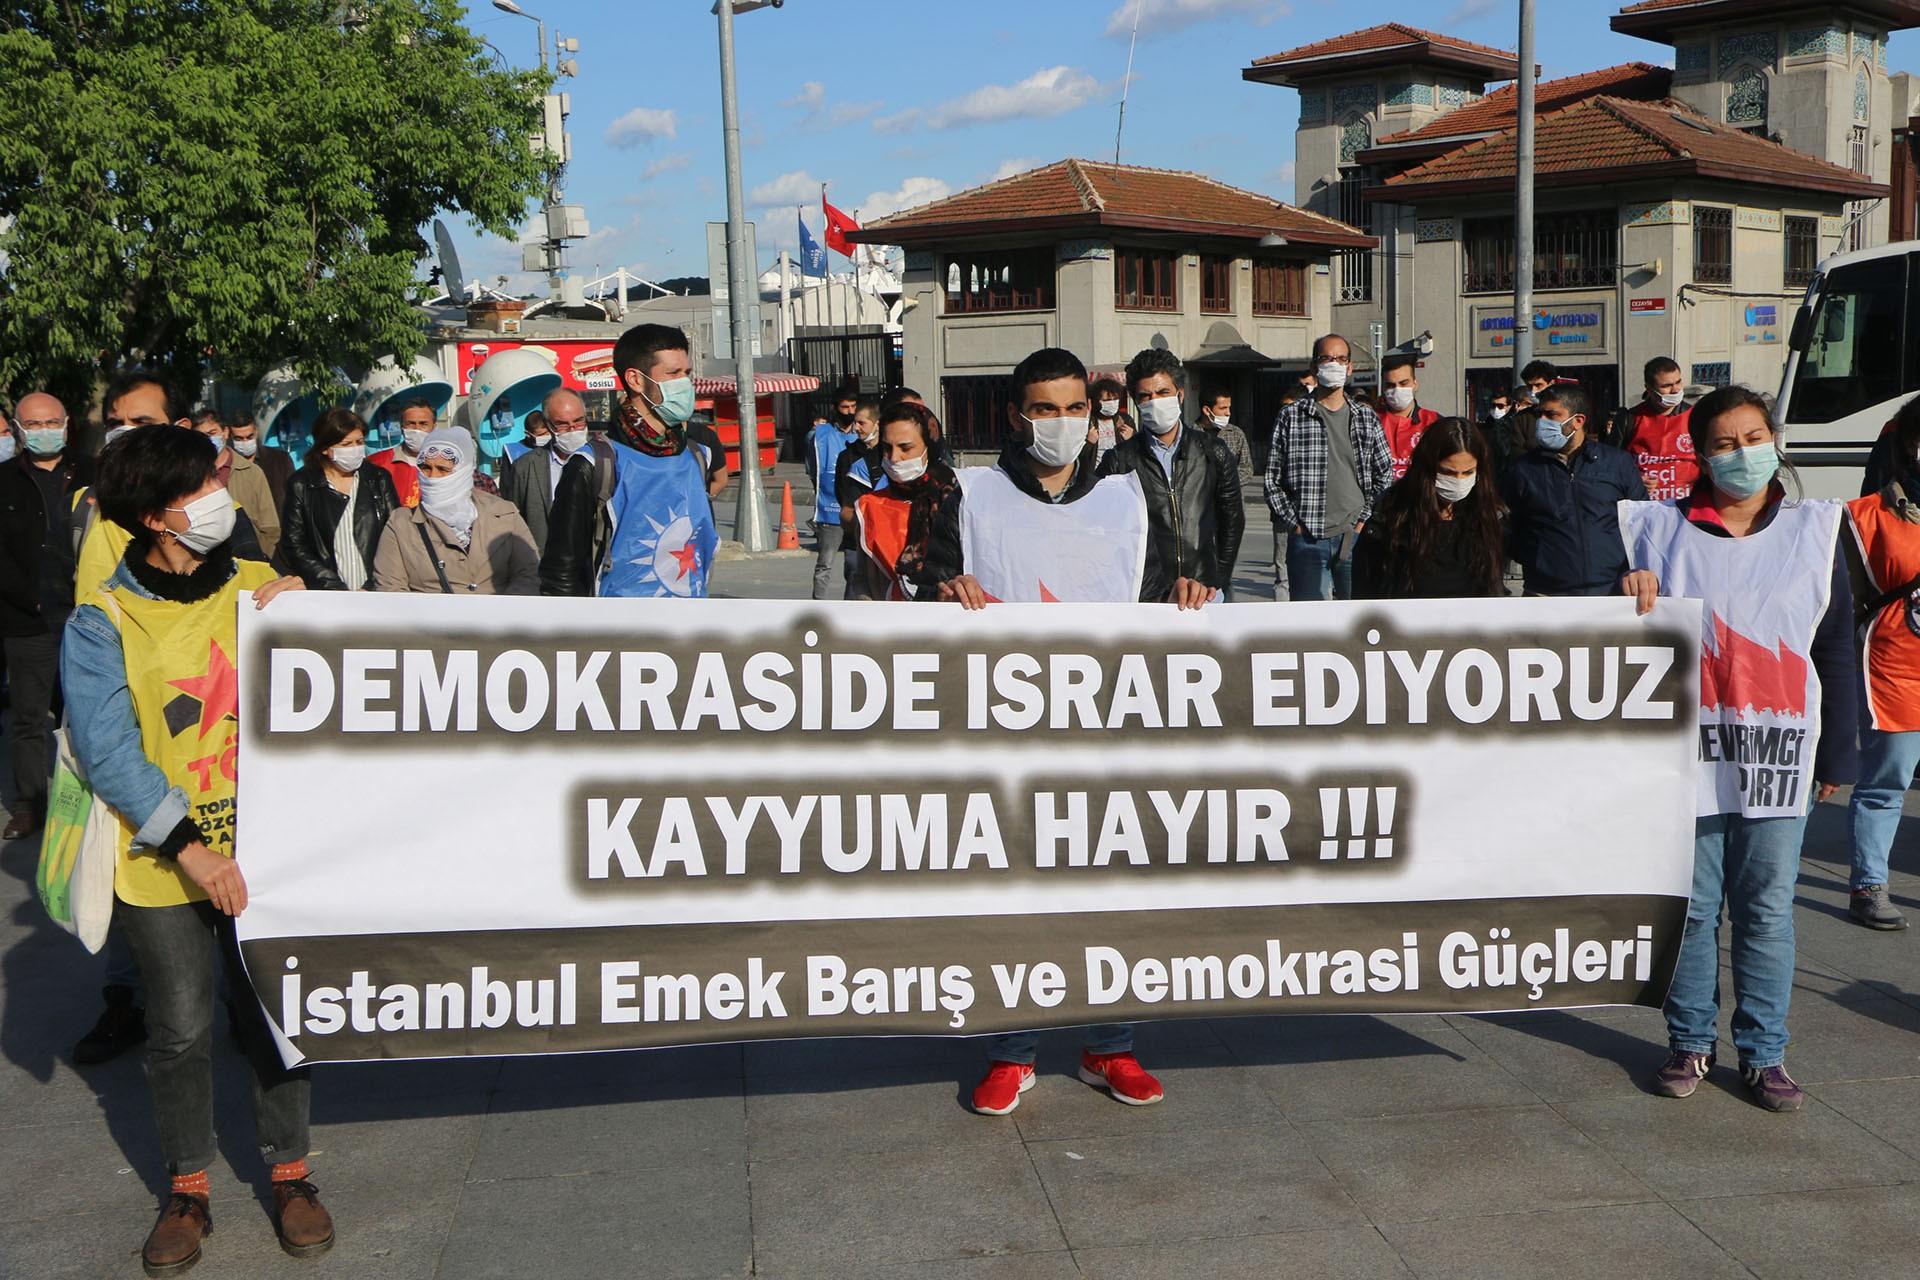 İstanbul Emek Barış ve Demokrasi Güçleri